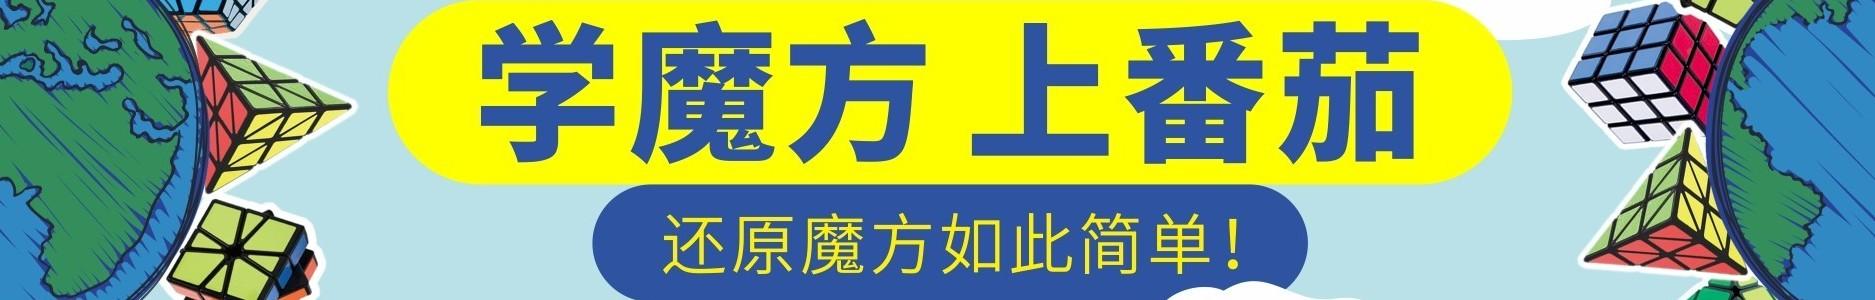 番茄魔方 banner